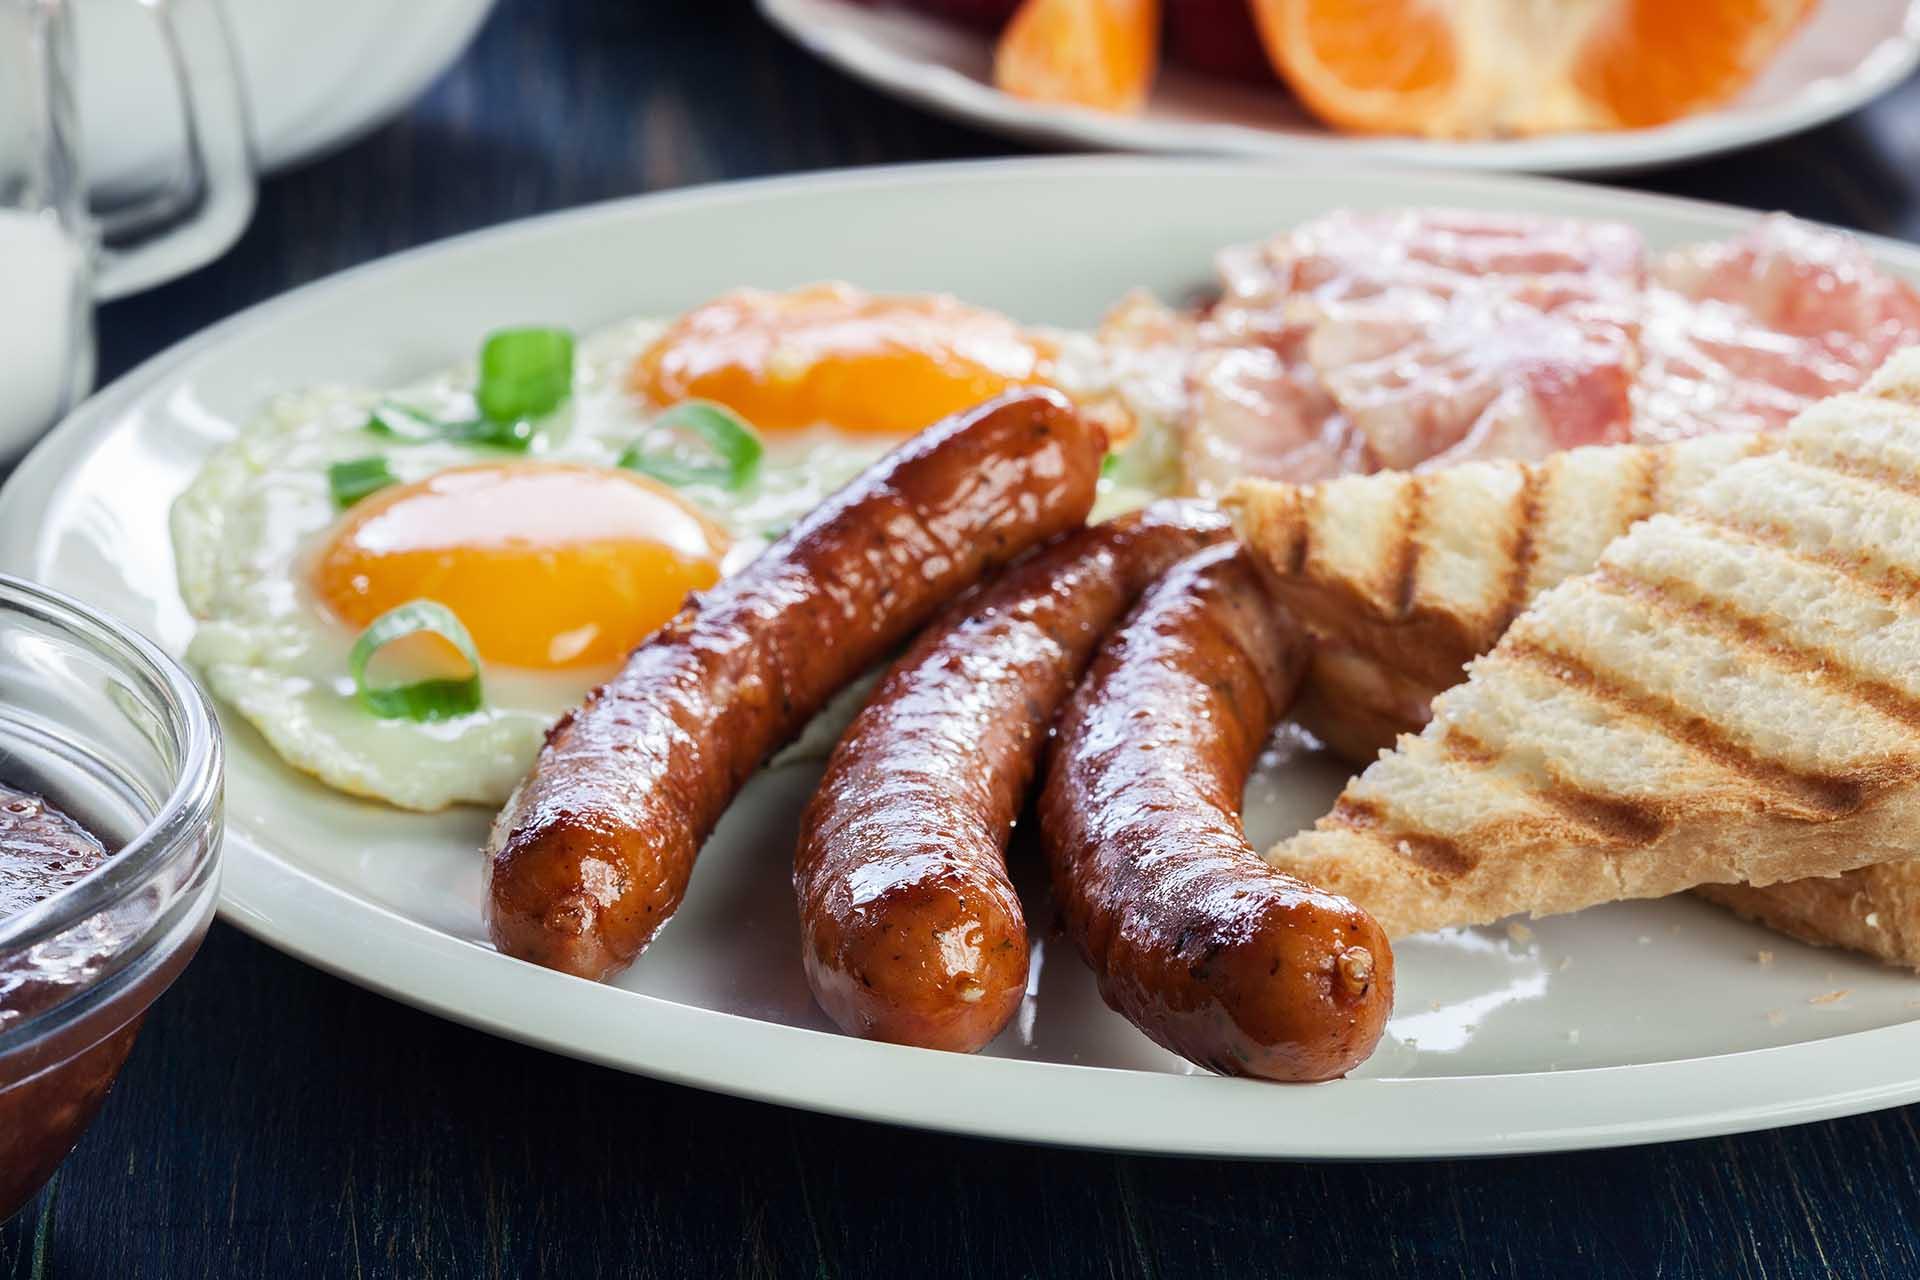 Egg, pølse, bacon og toast - eksempel på måltid med mye mettet fett